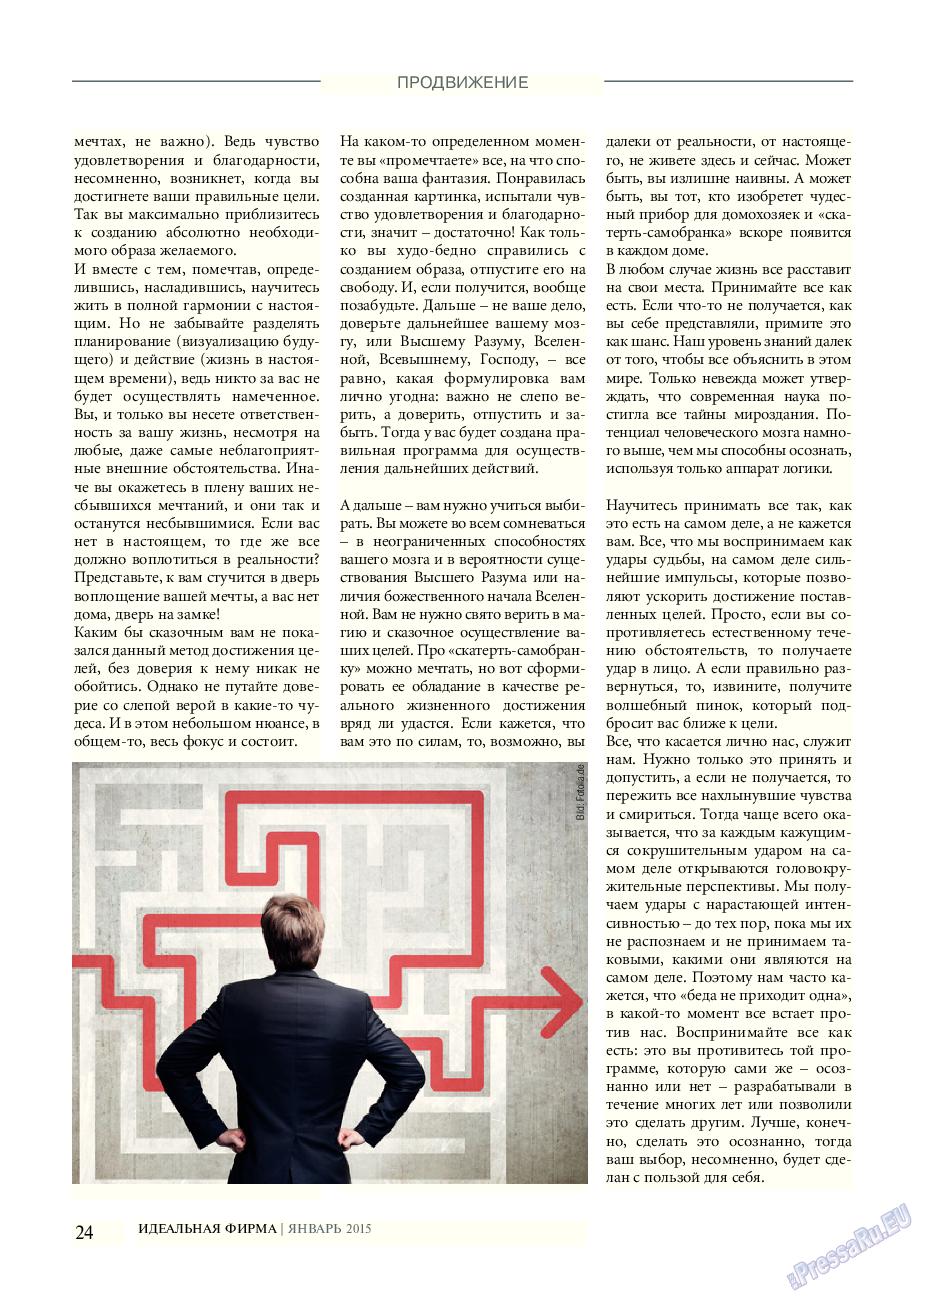 Идеальная фирма (журнал). 2015 год, номер 1, стр. 24